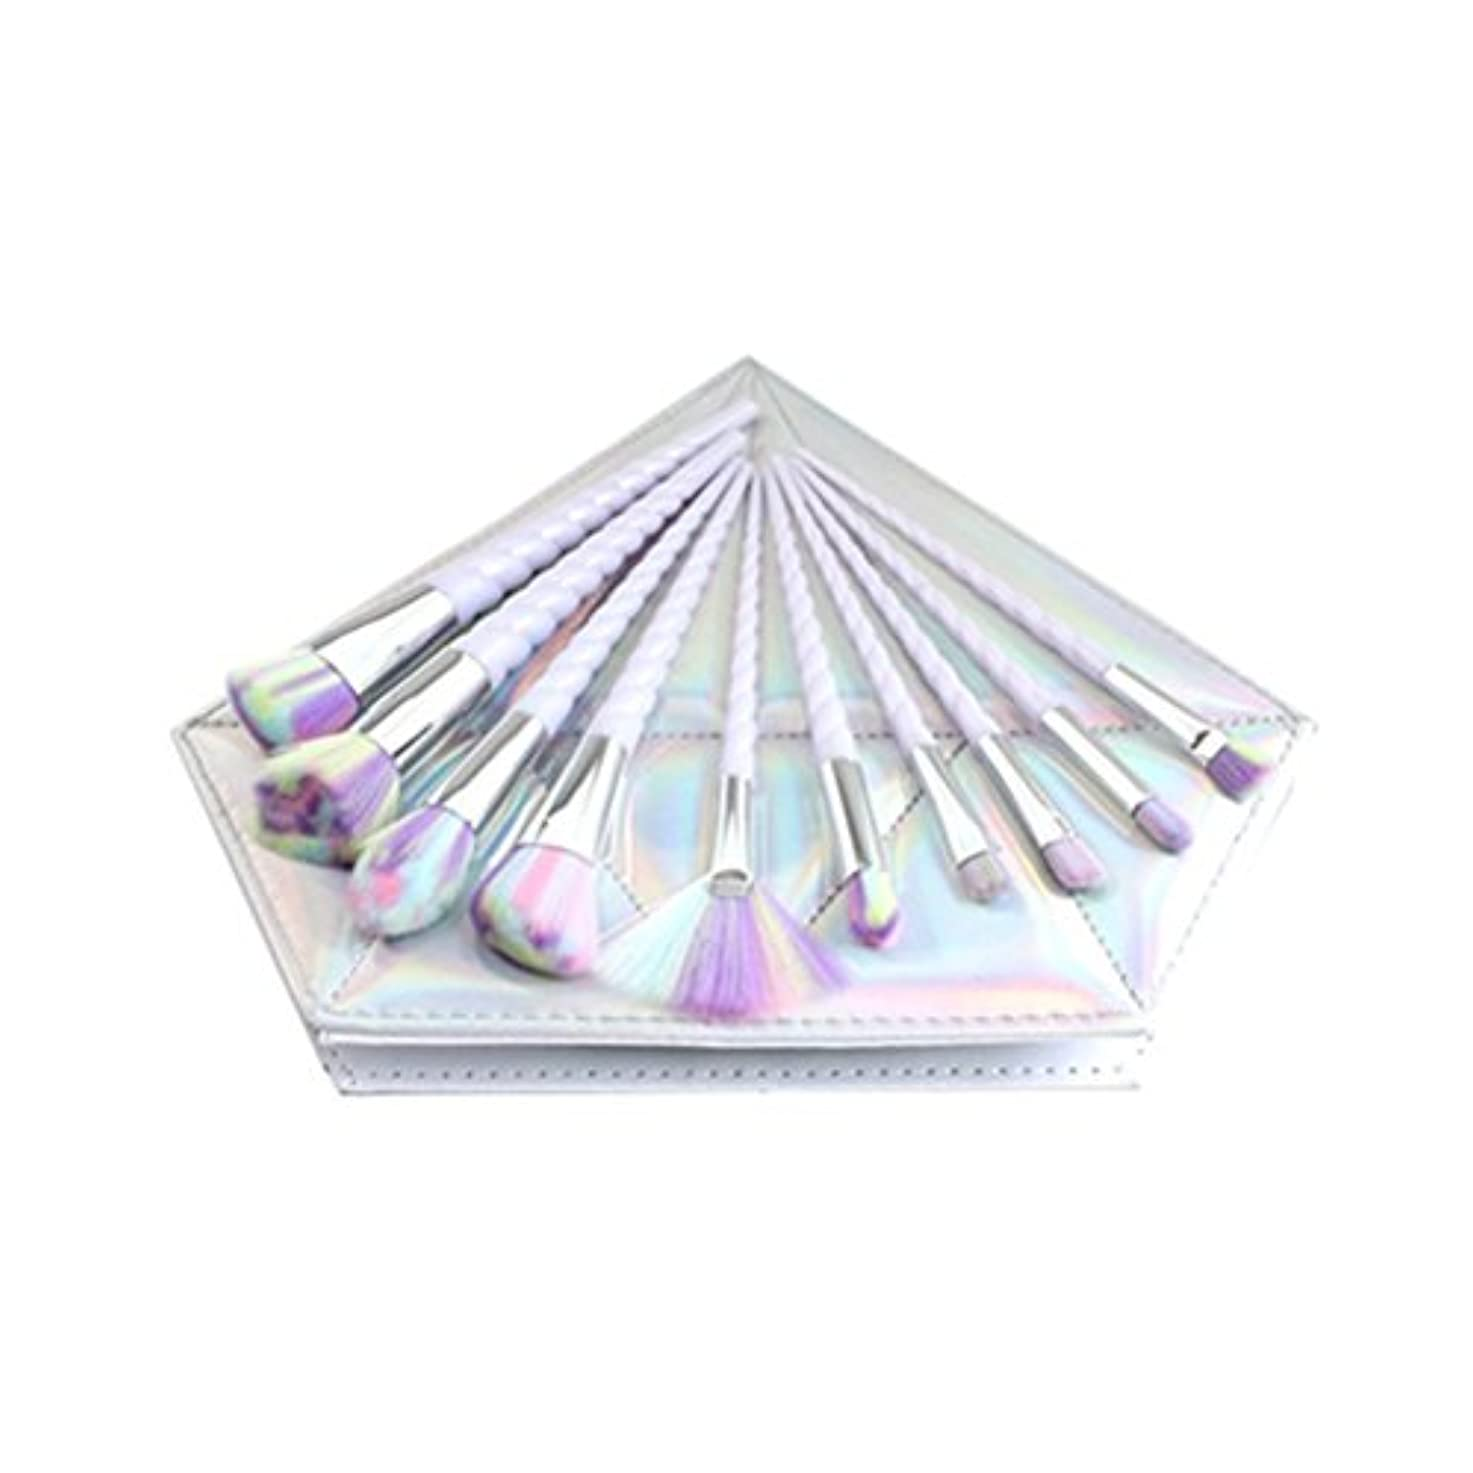 ヒロイック解釈的出血Dilla Beauty 10本セットユニコーンデザインプラスチックハンドル形状メイクブラシセット合成毛ファンデーションブラシアイシャドーブラッシャー美容ツール美しい化粧品のバッグを送る (白いハンドル - 多色の毛)